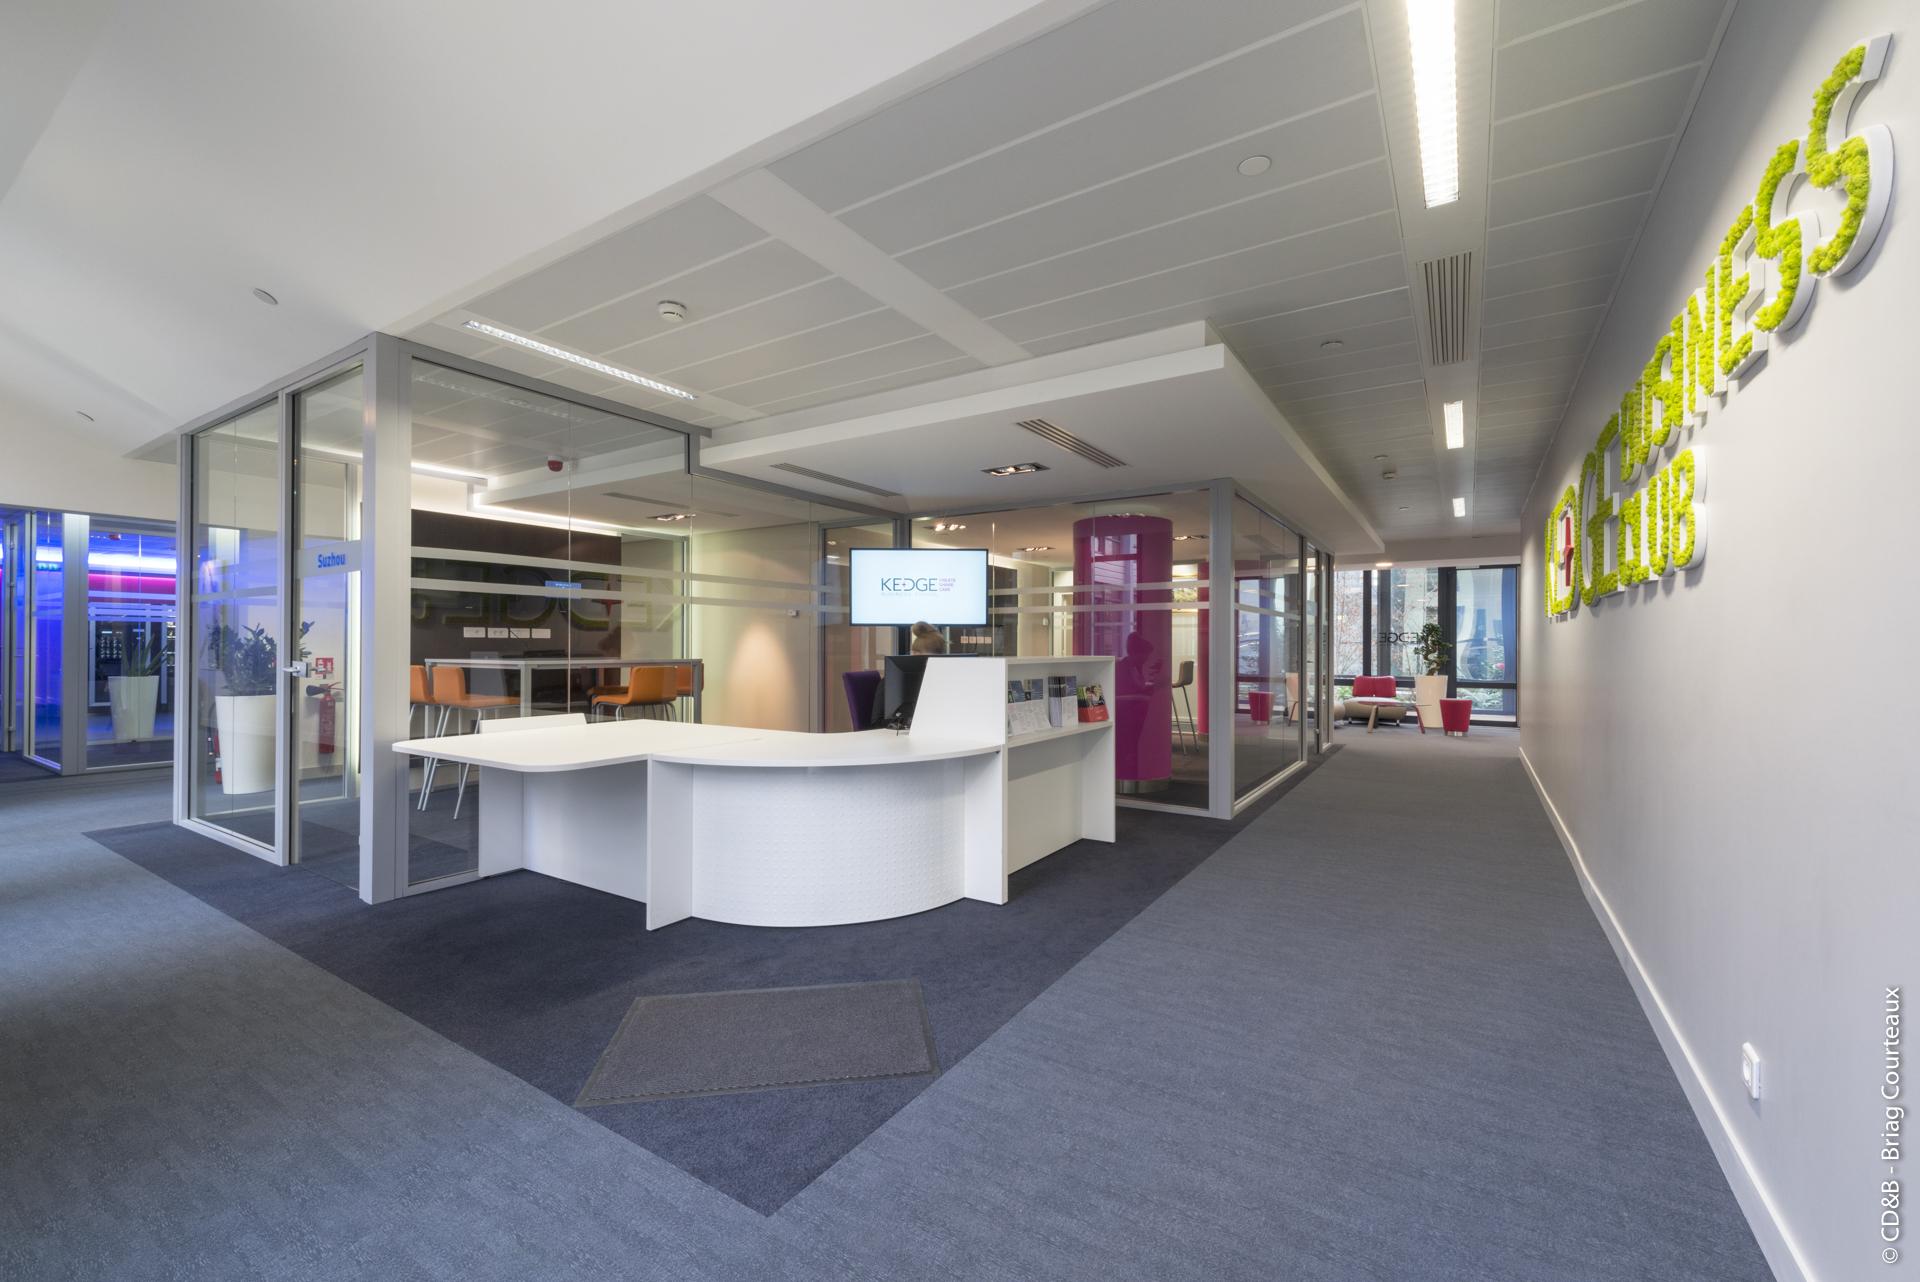 Conseil, aménagement, conception et réalisation des espaces de la Kedge Business School par CDB, Meet you there.